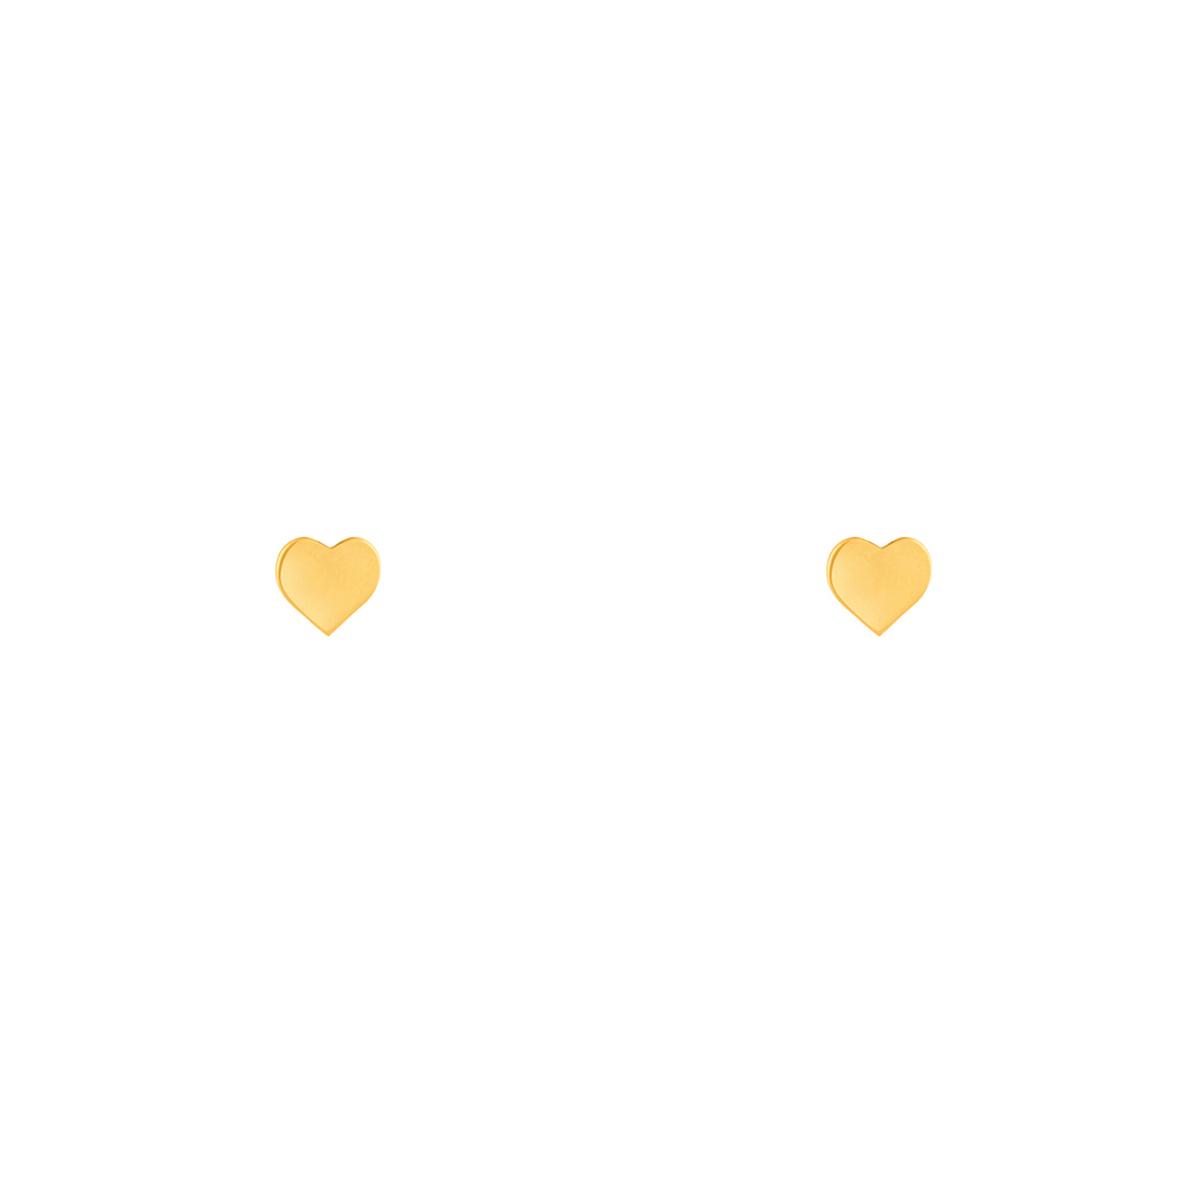 گوشواره طلا قلب متوسط